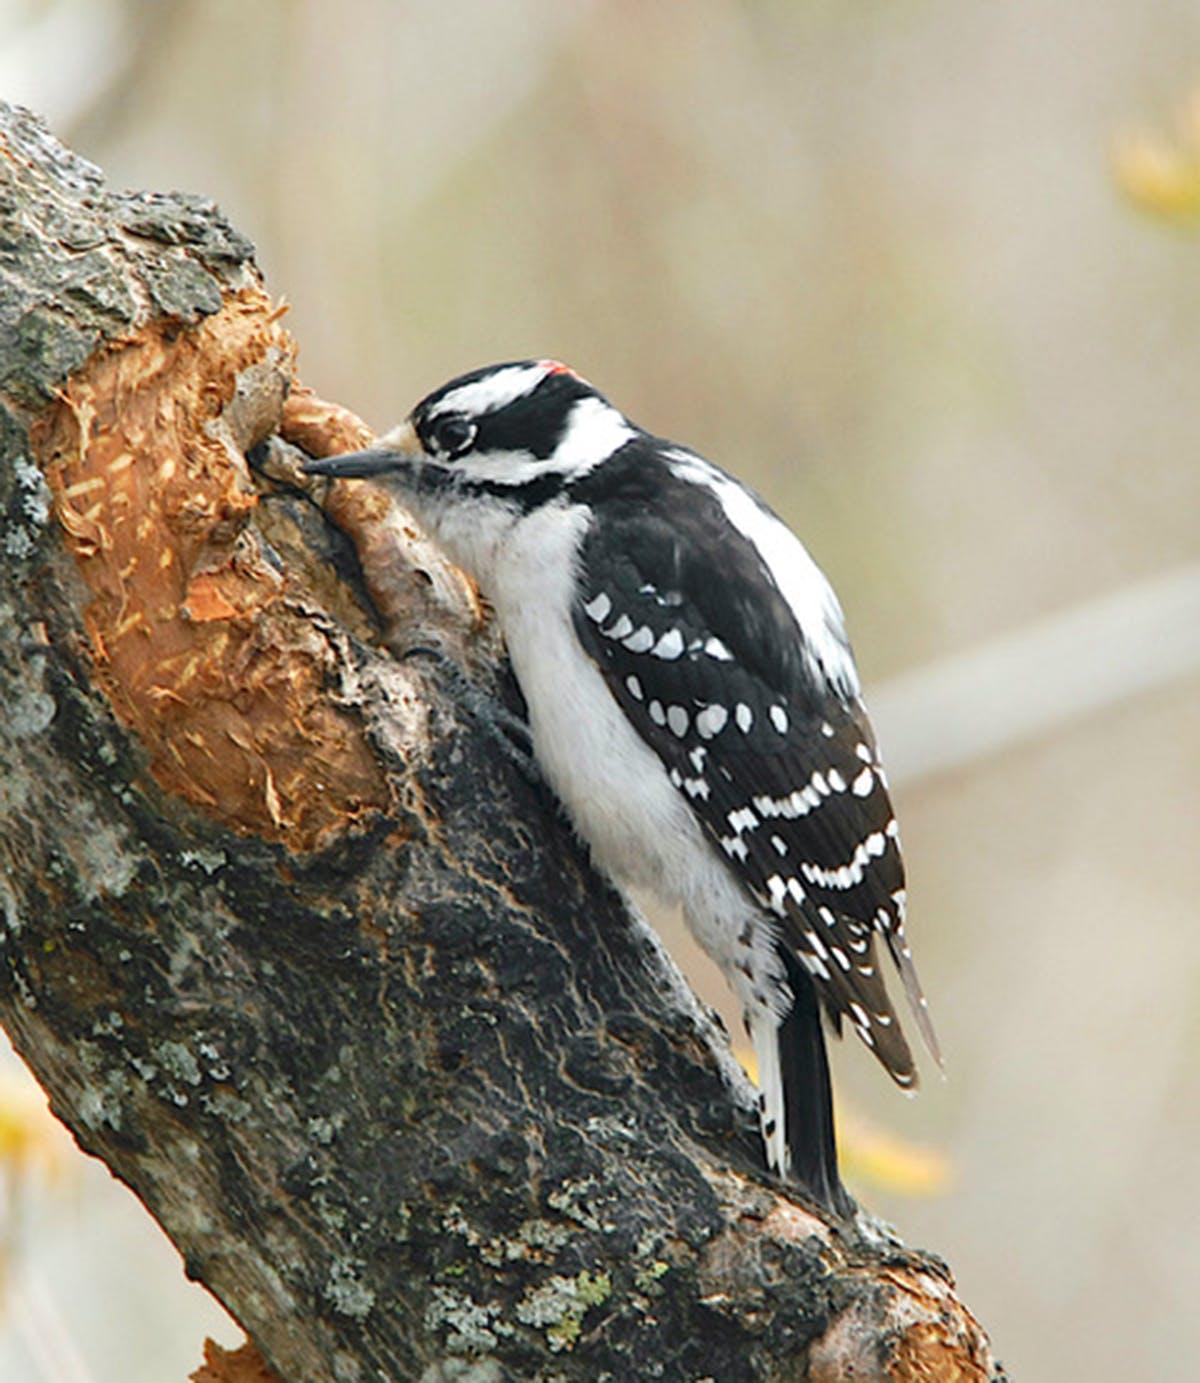 A downy woodpecker probes tree bark.